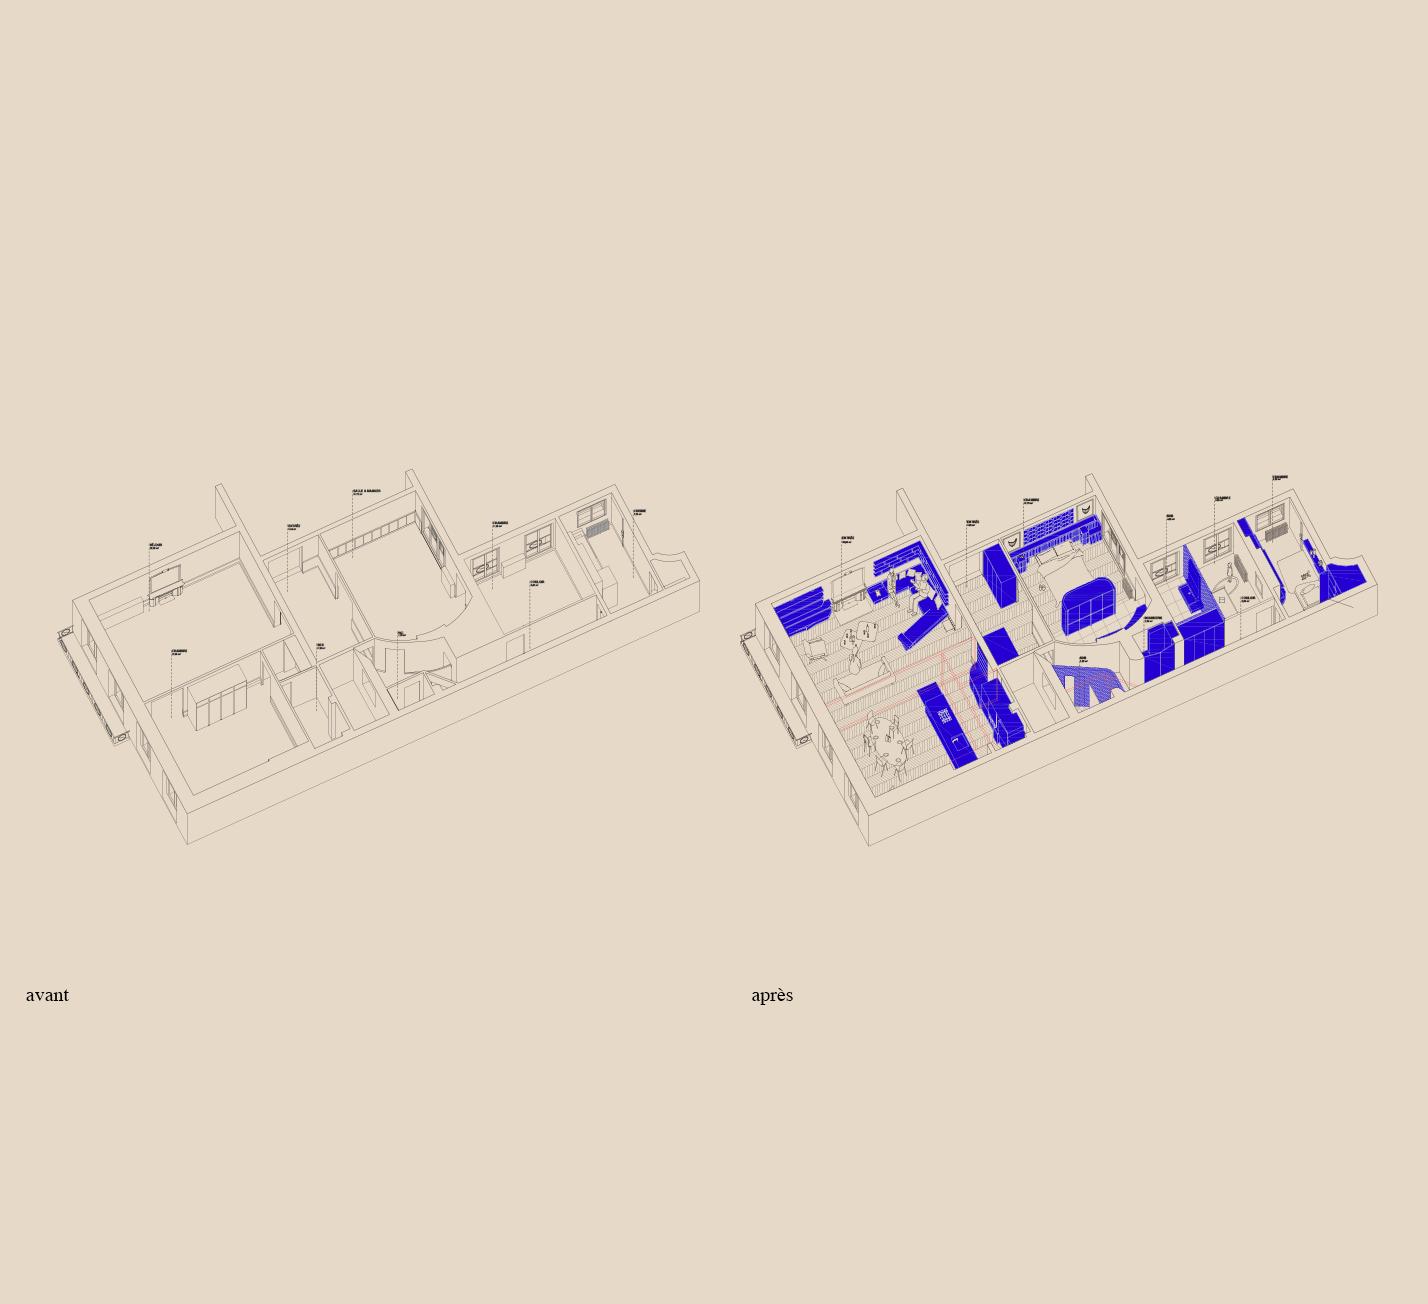 Appartement-Mansart-paris-rénovation-architecture-paris-construction-atelier-steve-pauline-borgia-20